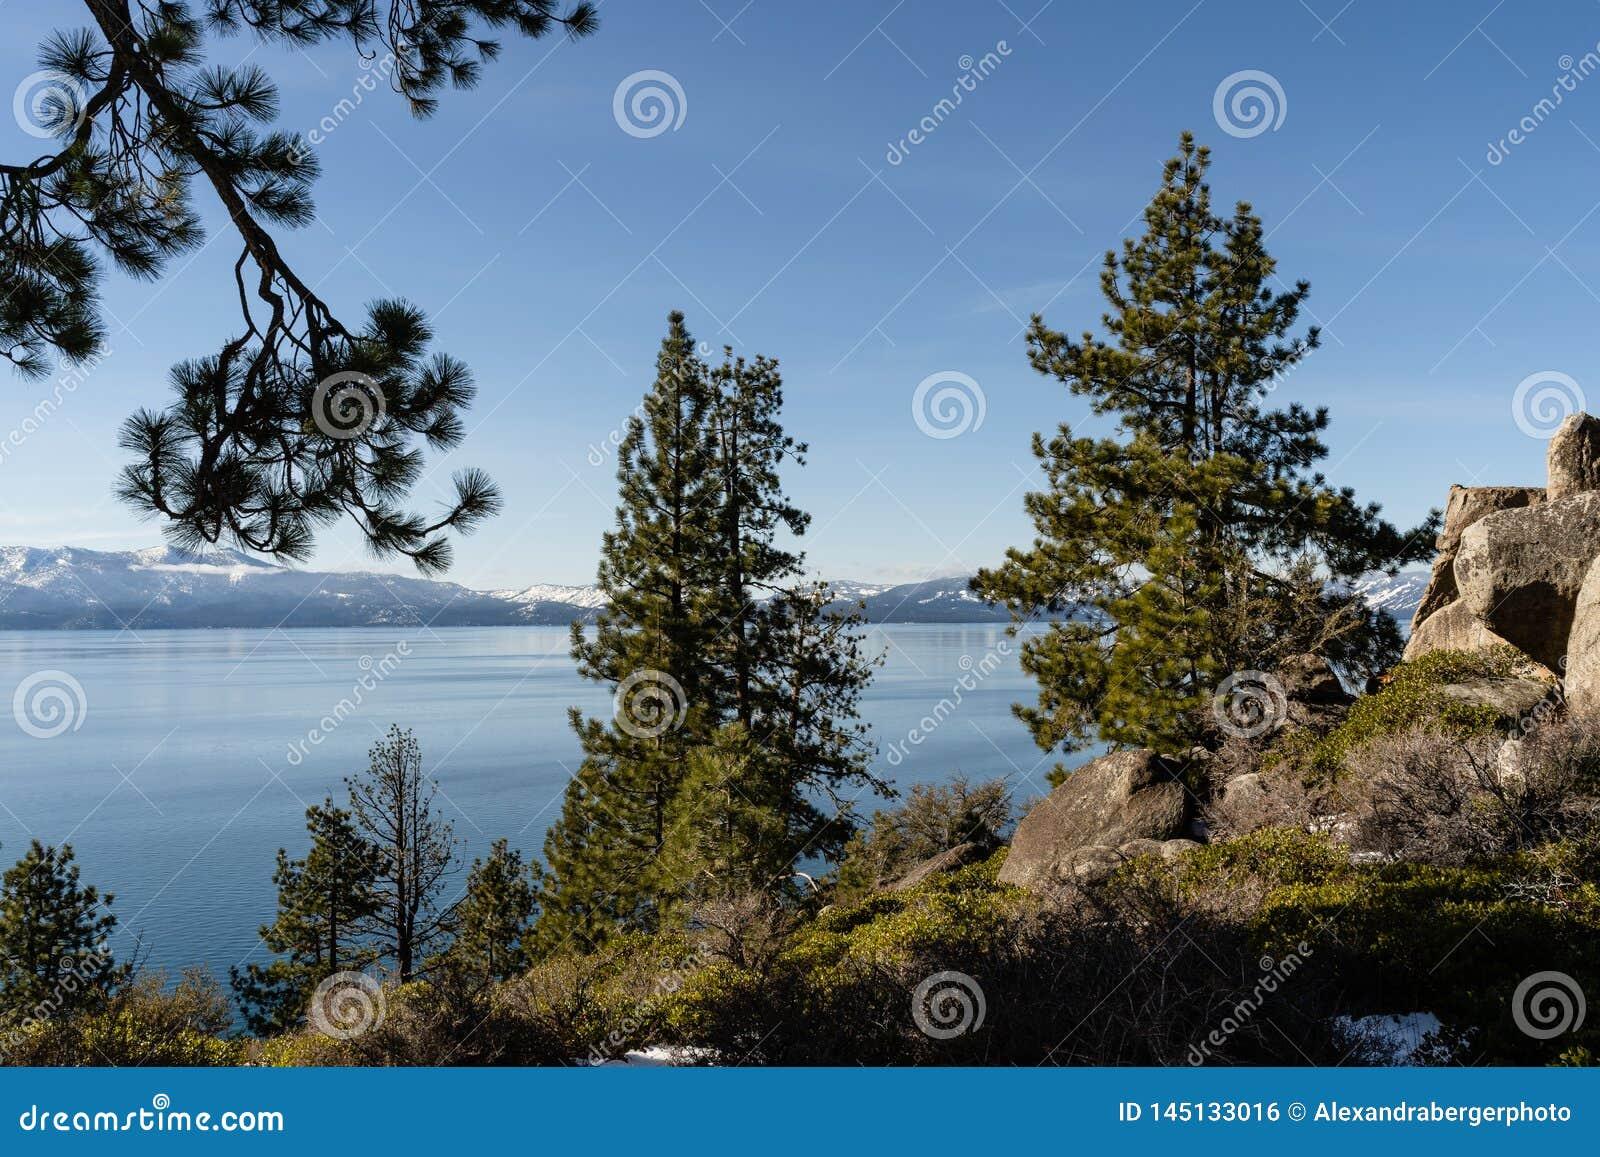 Άποψη της φύσης γύρω από τη λίμνη Tahoe το χειμώνα, Νεβάδα, ΗΠΑ